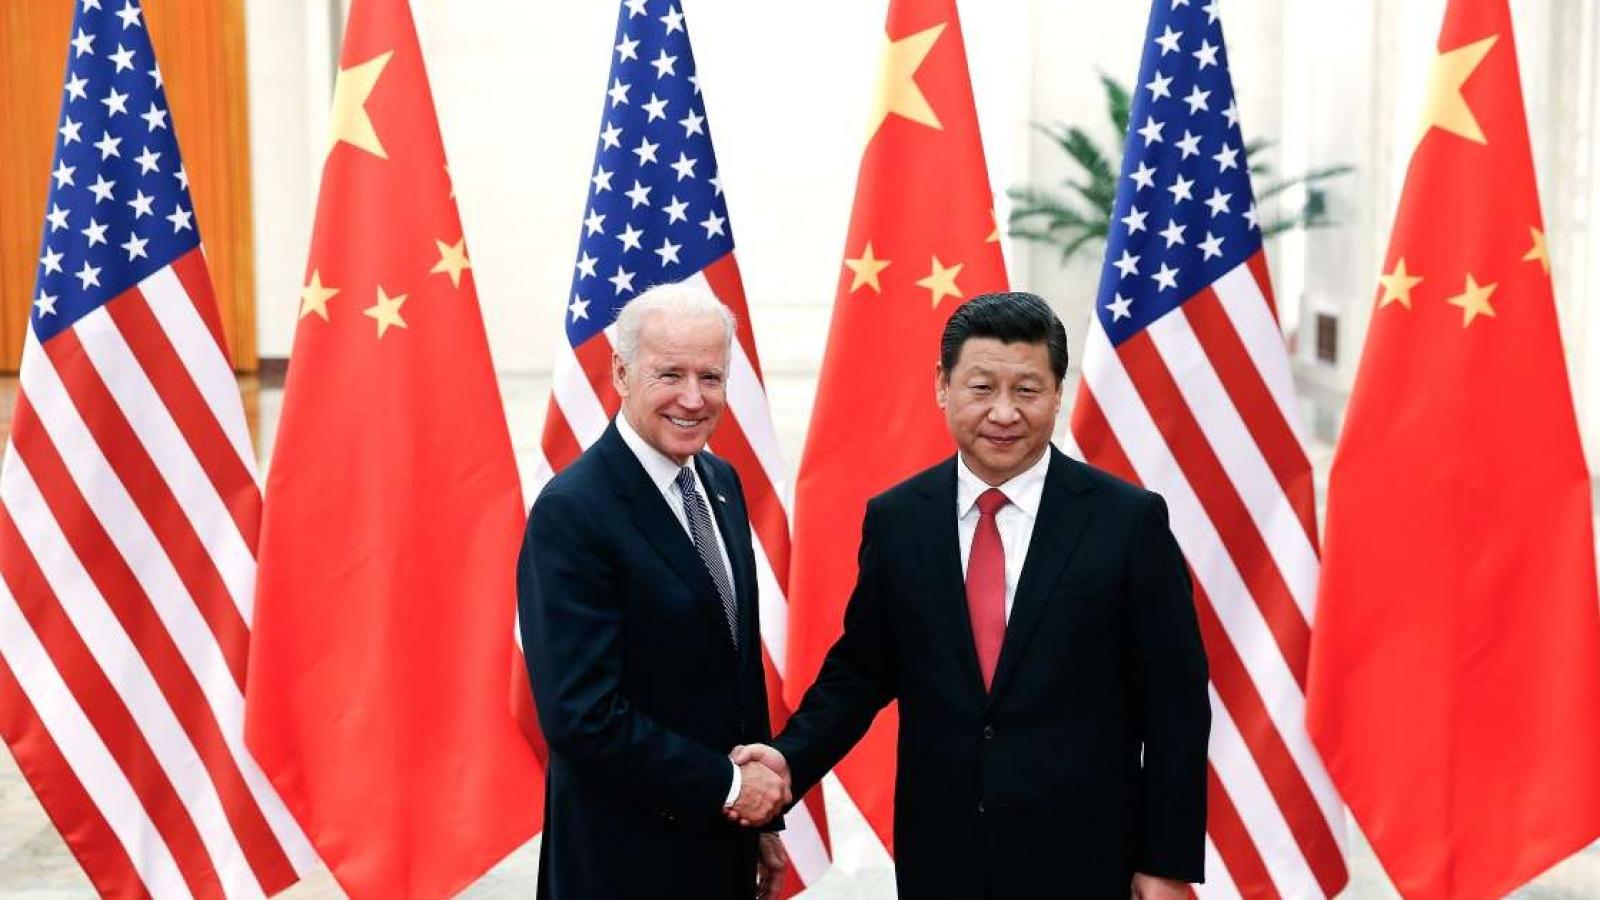 Chính sách của Biden với Trung Quốc: Đảo ngược hay kế thừa Trump?